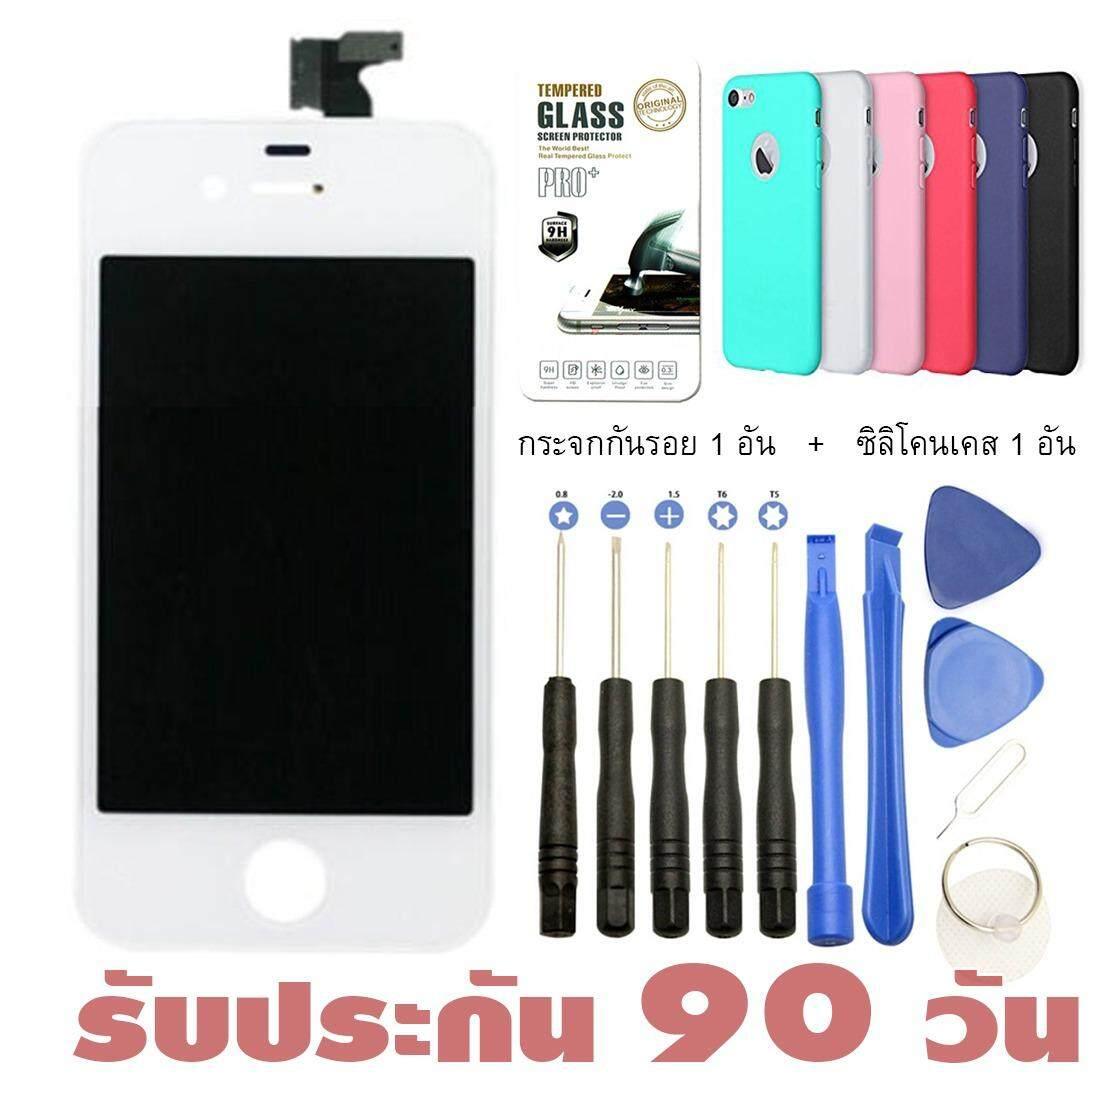 ขาย ประกัน 90 วัน หน้าจอไอโฟน 4 ทัสกรีน สีขาว Iphone 4 Lcd Apple เป็นต้นฉบับ